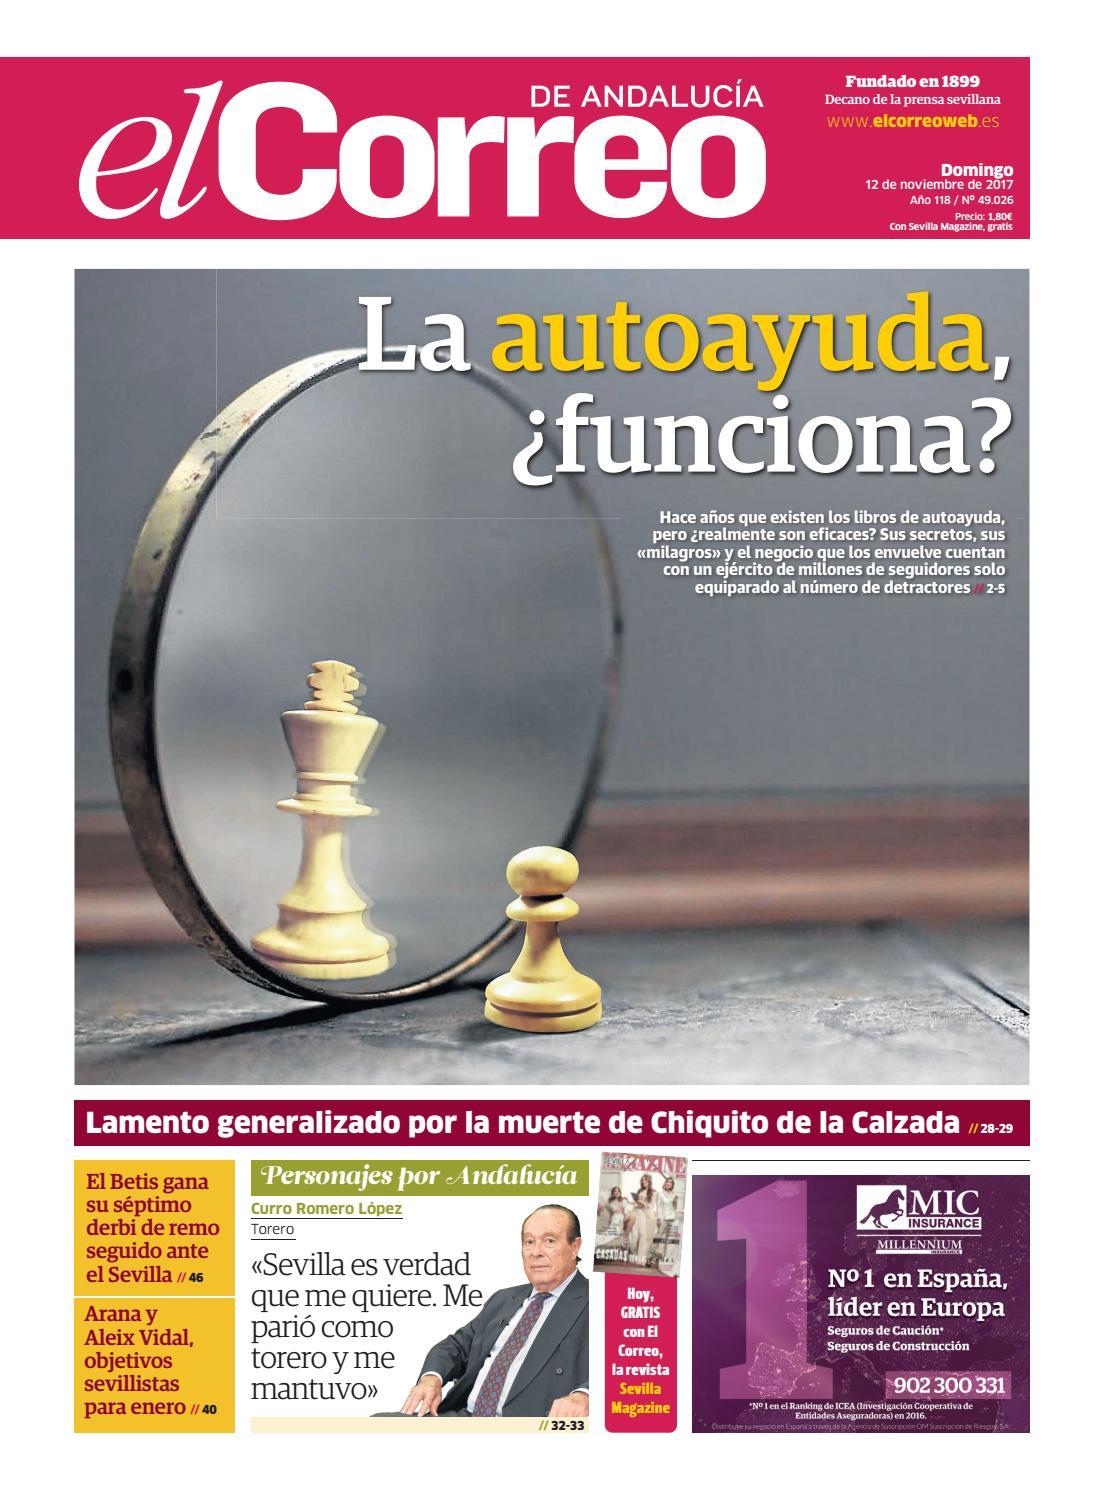 Correo Andalucía 11 By S 2017 El lIssuu 12 De b6gvY7yf